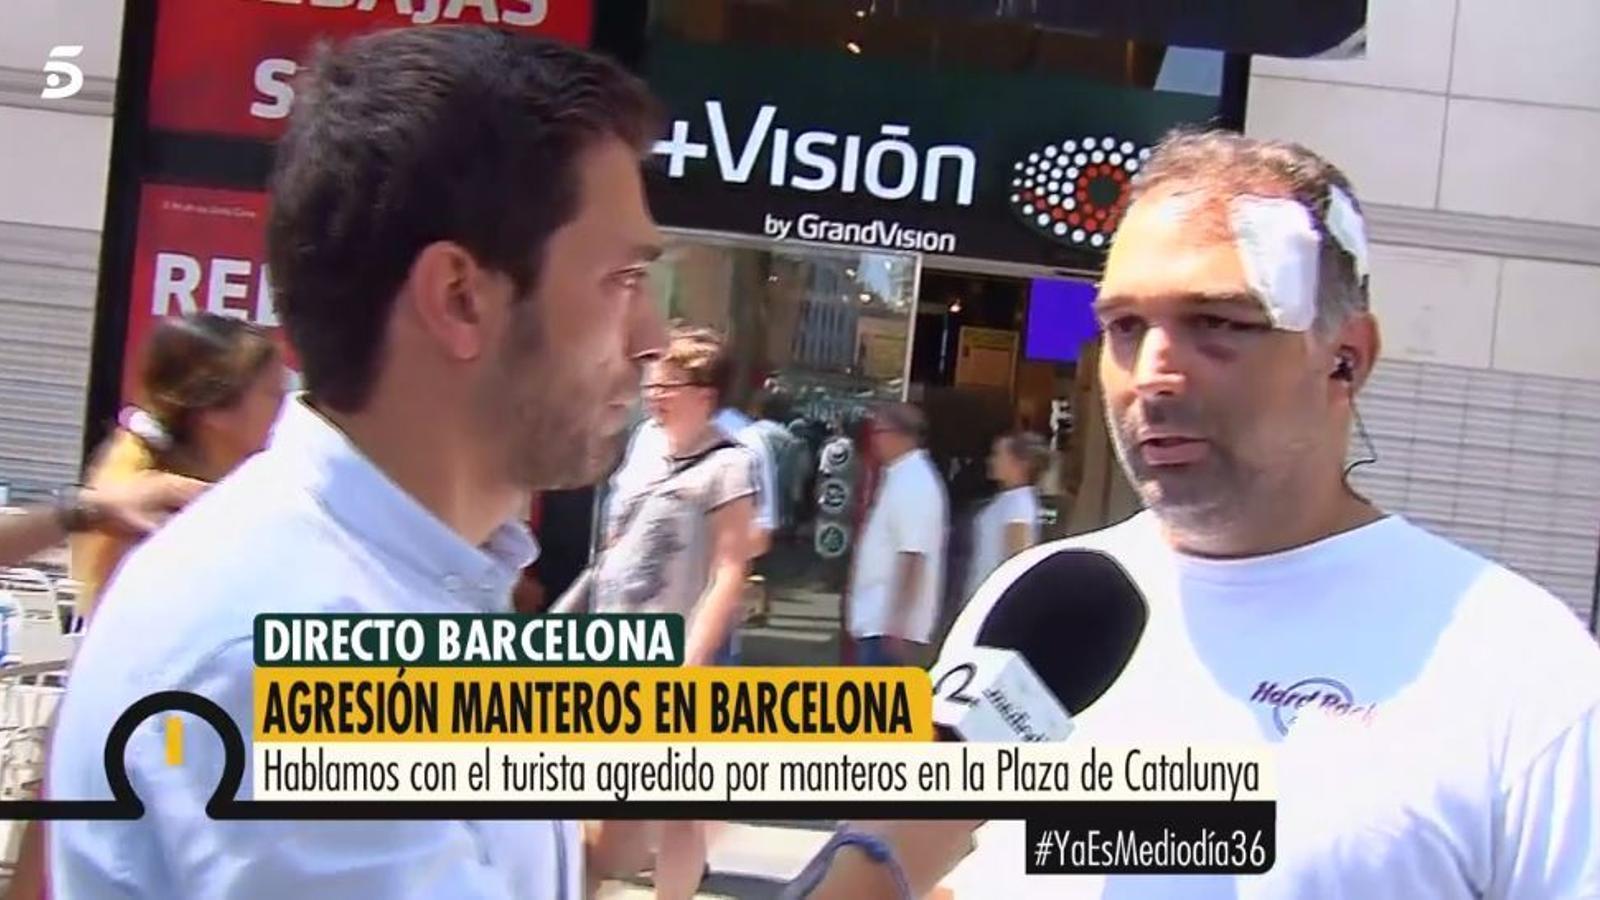 """El turista agredit per manters a Barcelona: """"Volien matar-me"""""""